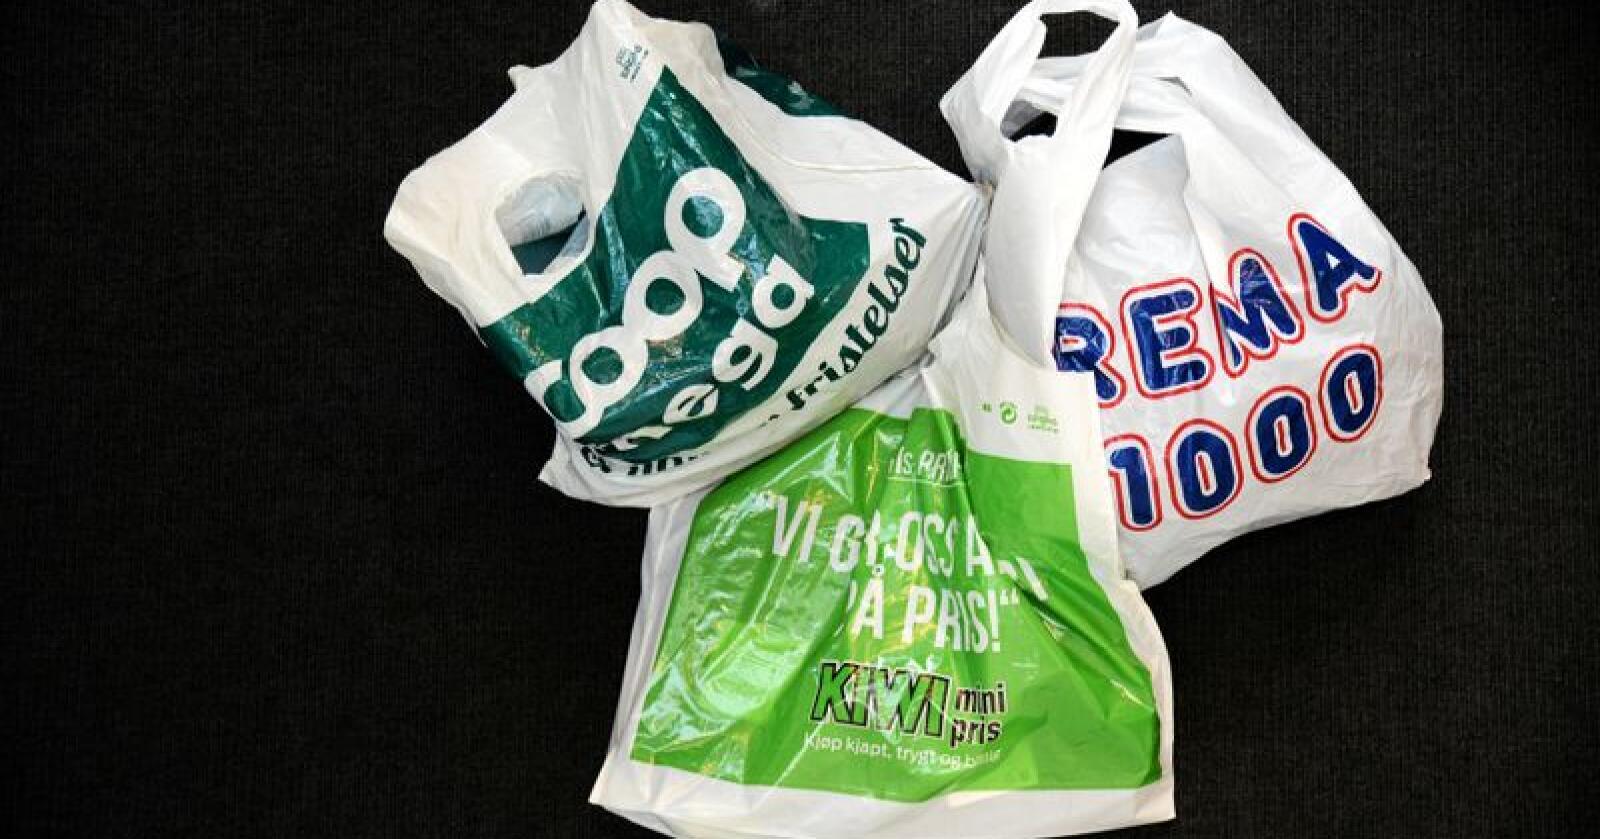 Coop, Rema 1000, Kiwi, plastpose, plast, plastposer, razzia,